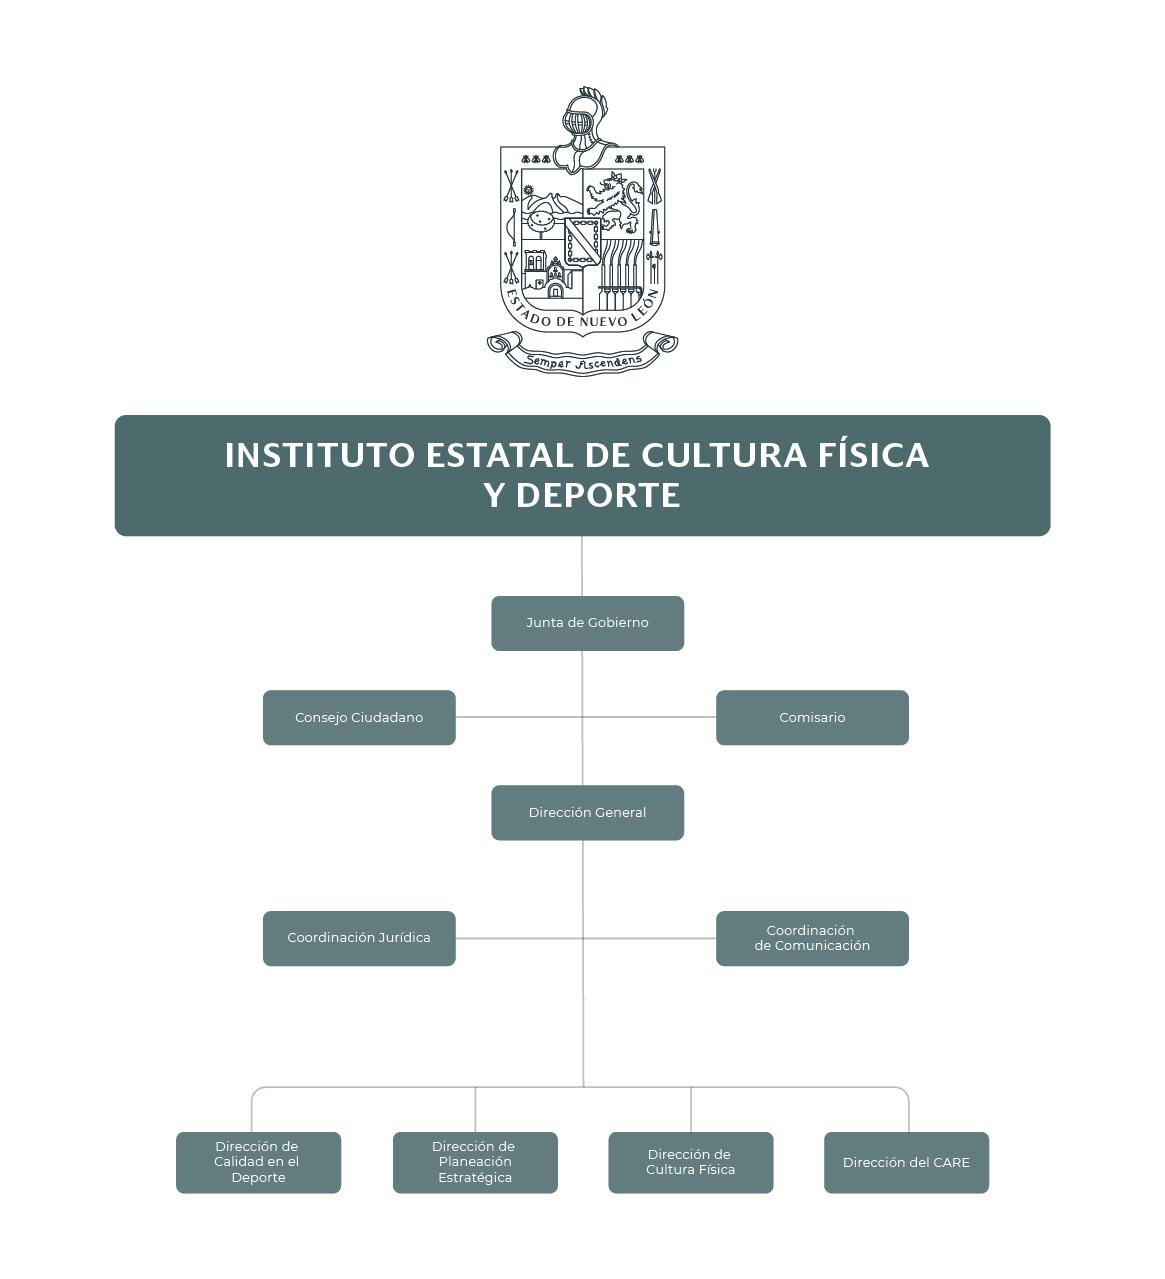 Organigrama del Instituto Estatal de Cultura Física y Deporte (INDE)